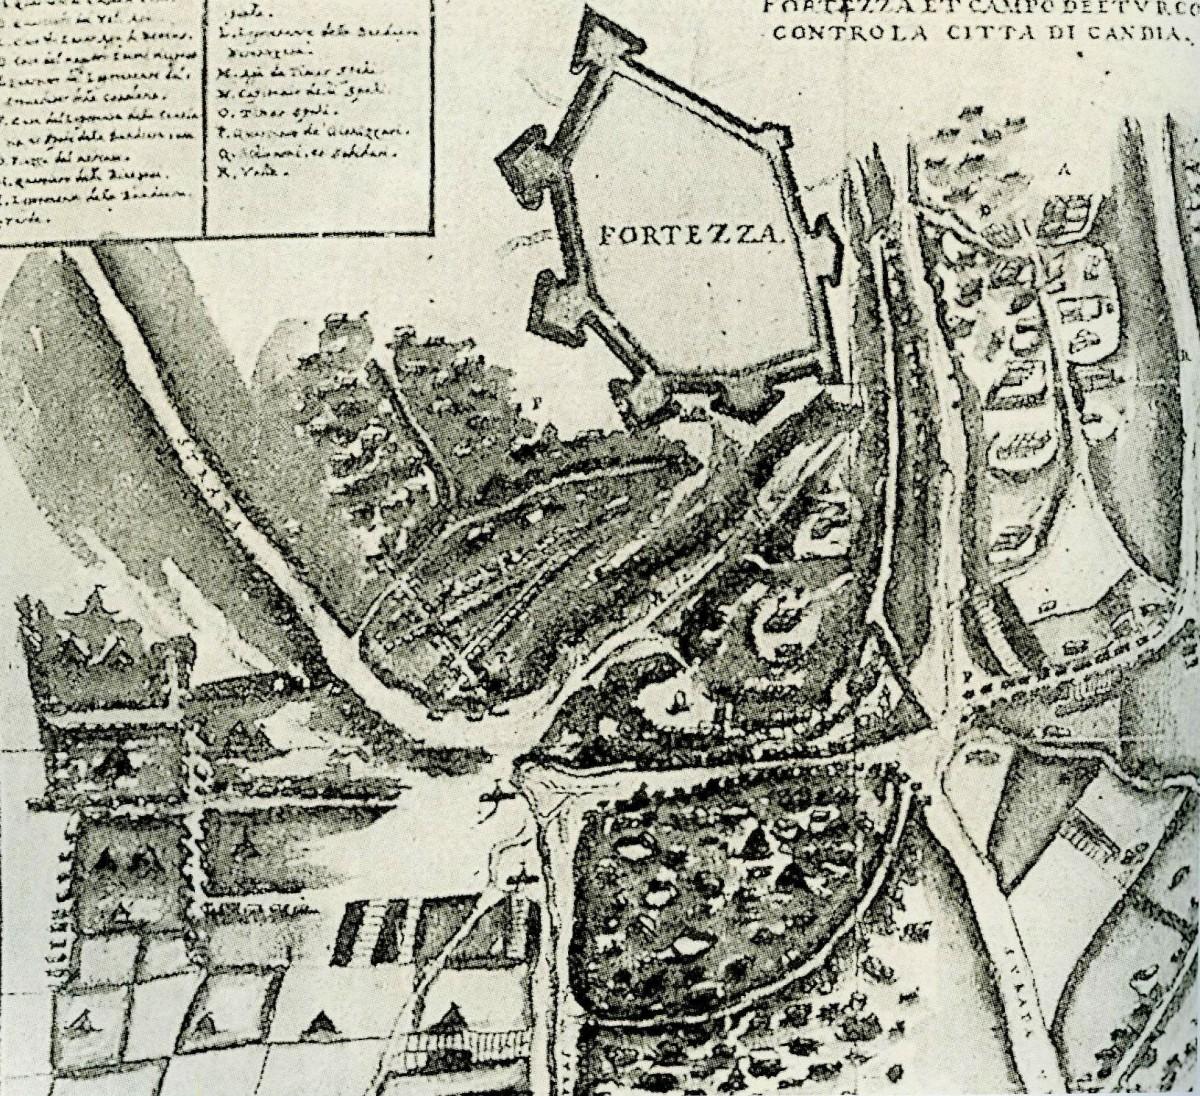 Εικ. 1. Το φρούριο Inadiye (1648-1650), νότια της πόλης του Χάνδακα, σε σχεδιάγραμμα του 17ου αι.